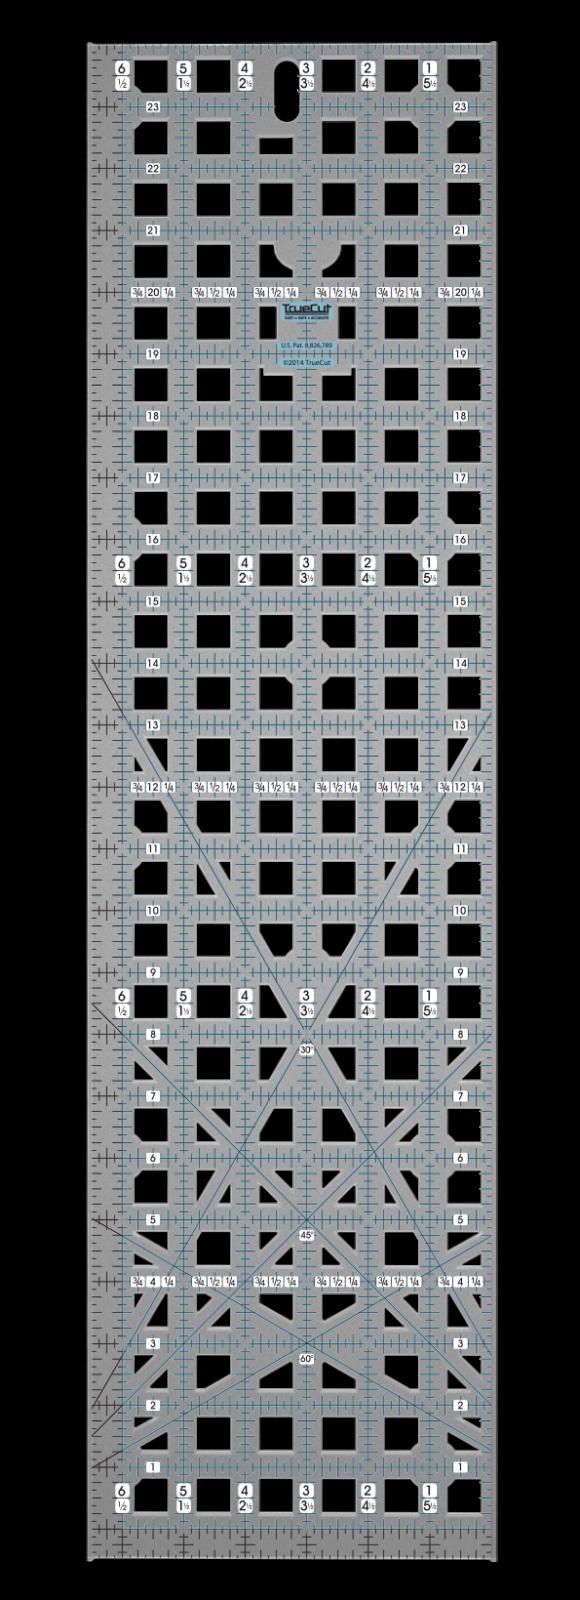 6.5 x 24.5 Ruler TrueCut